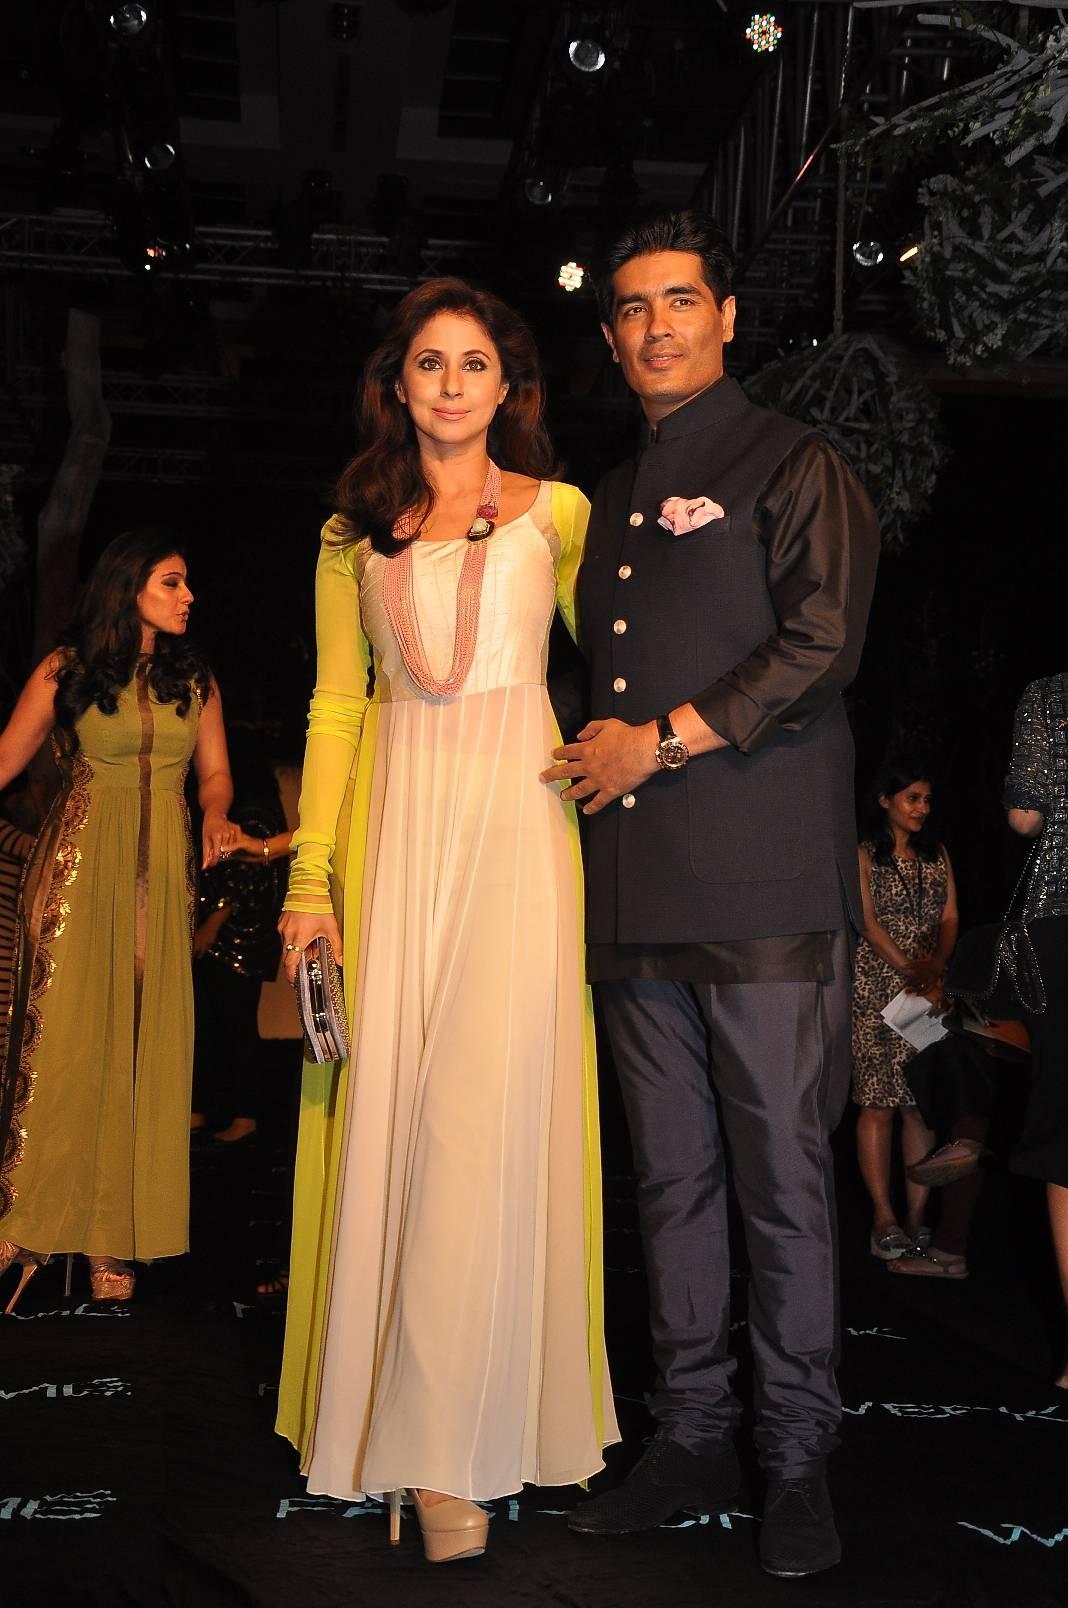 Urmila and Manish Malhotr